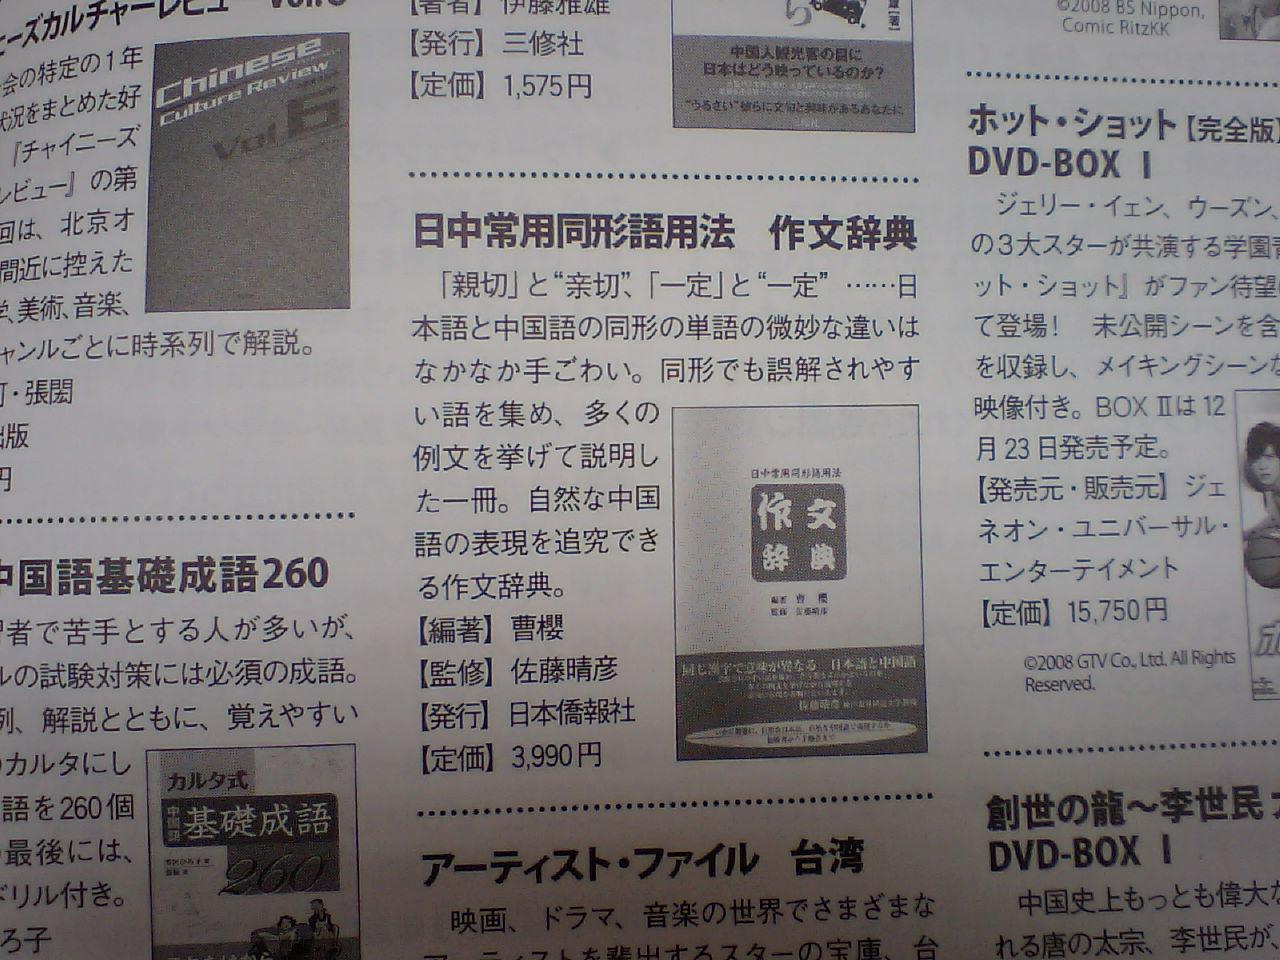 『日中常用同形語用法作文辞典』 中国語ジャーナル新年1月号に紹介された_d0027795_13265335.jpg